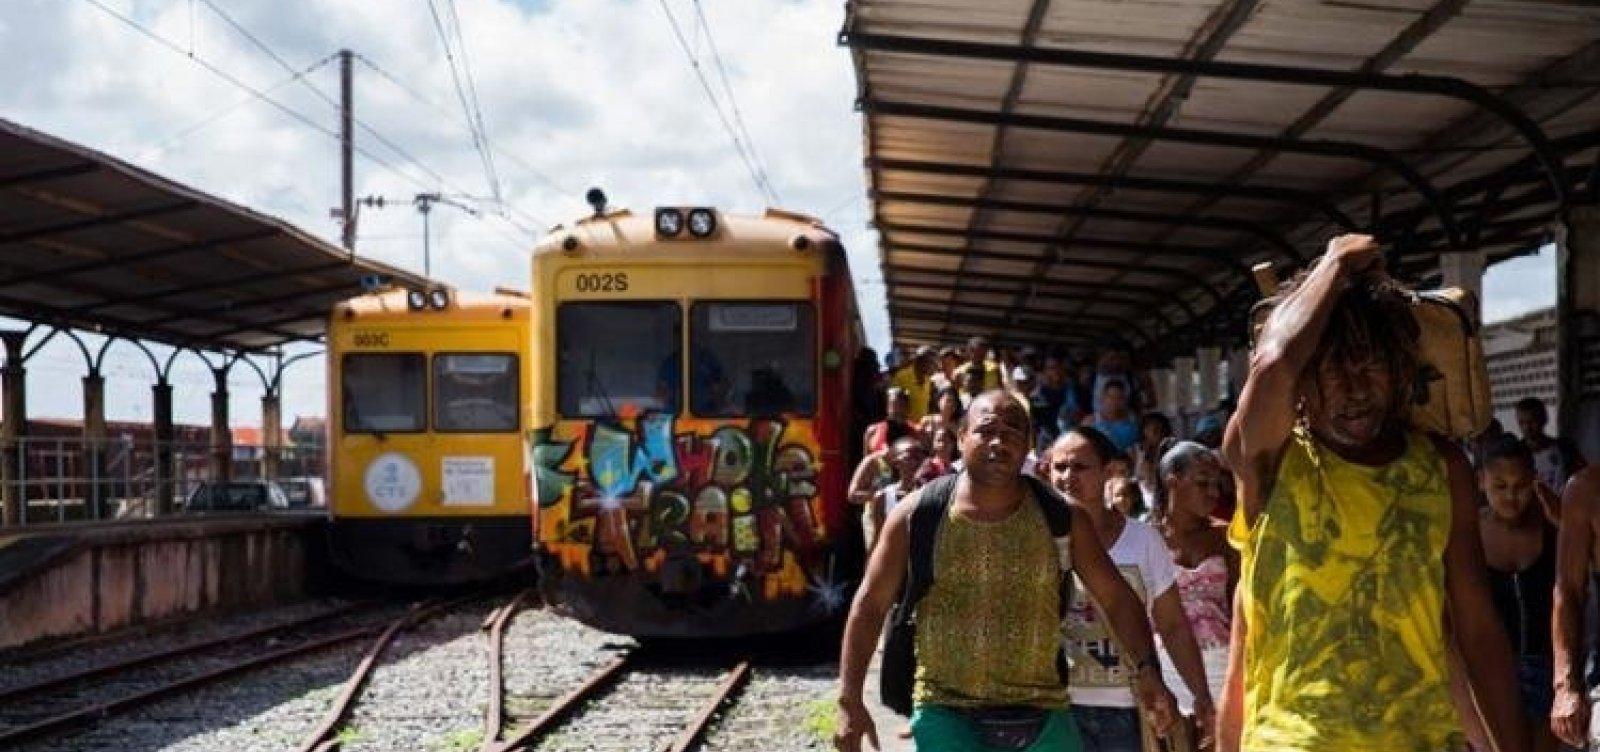 Subúrbio: após suspensão do serviço, único trem disponível volta a operar